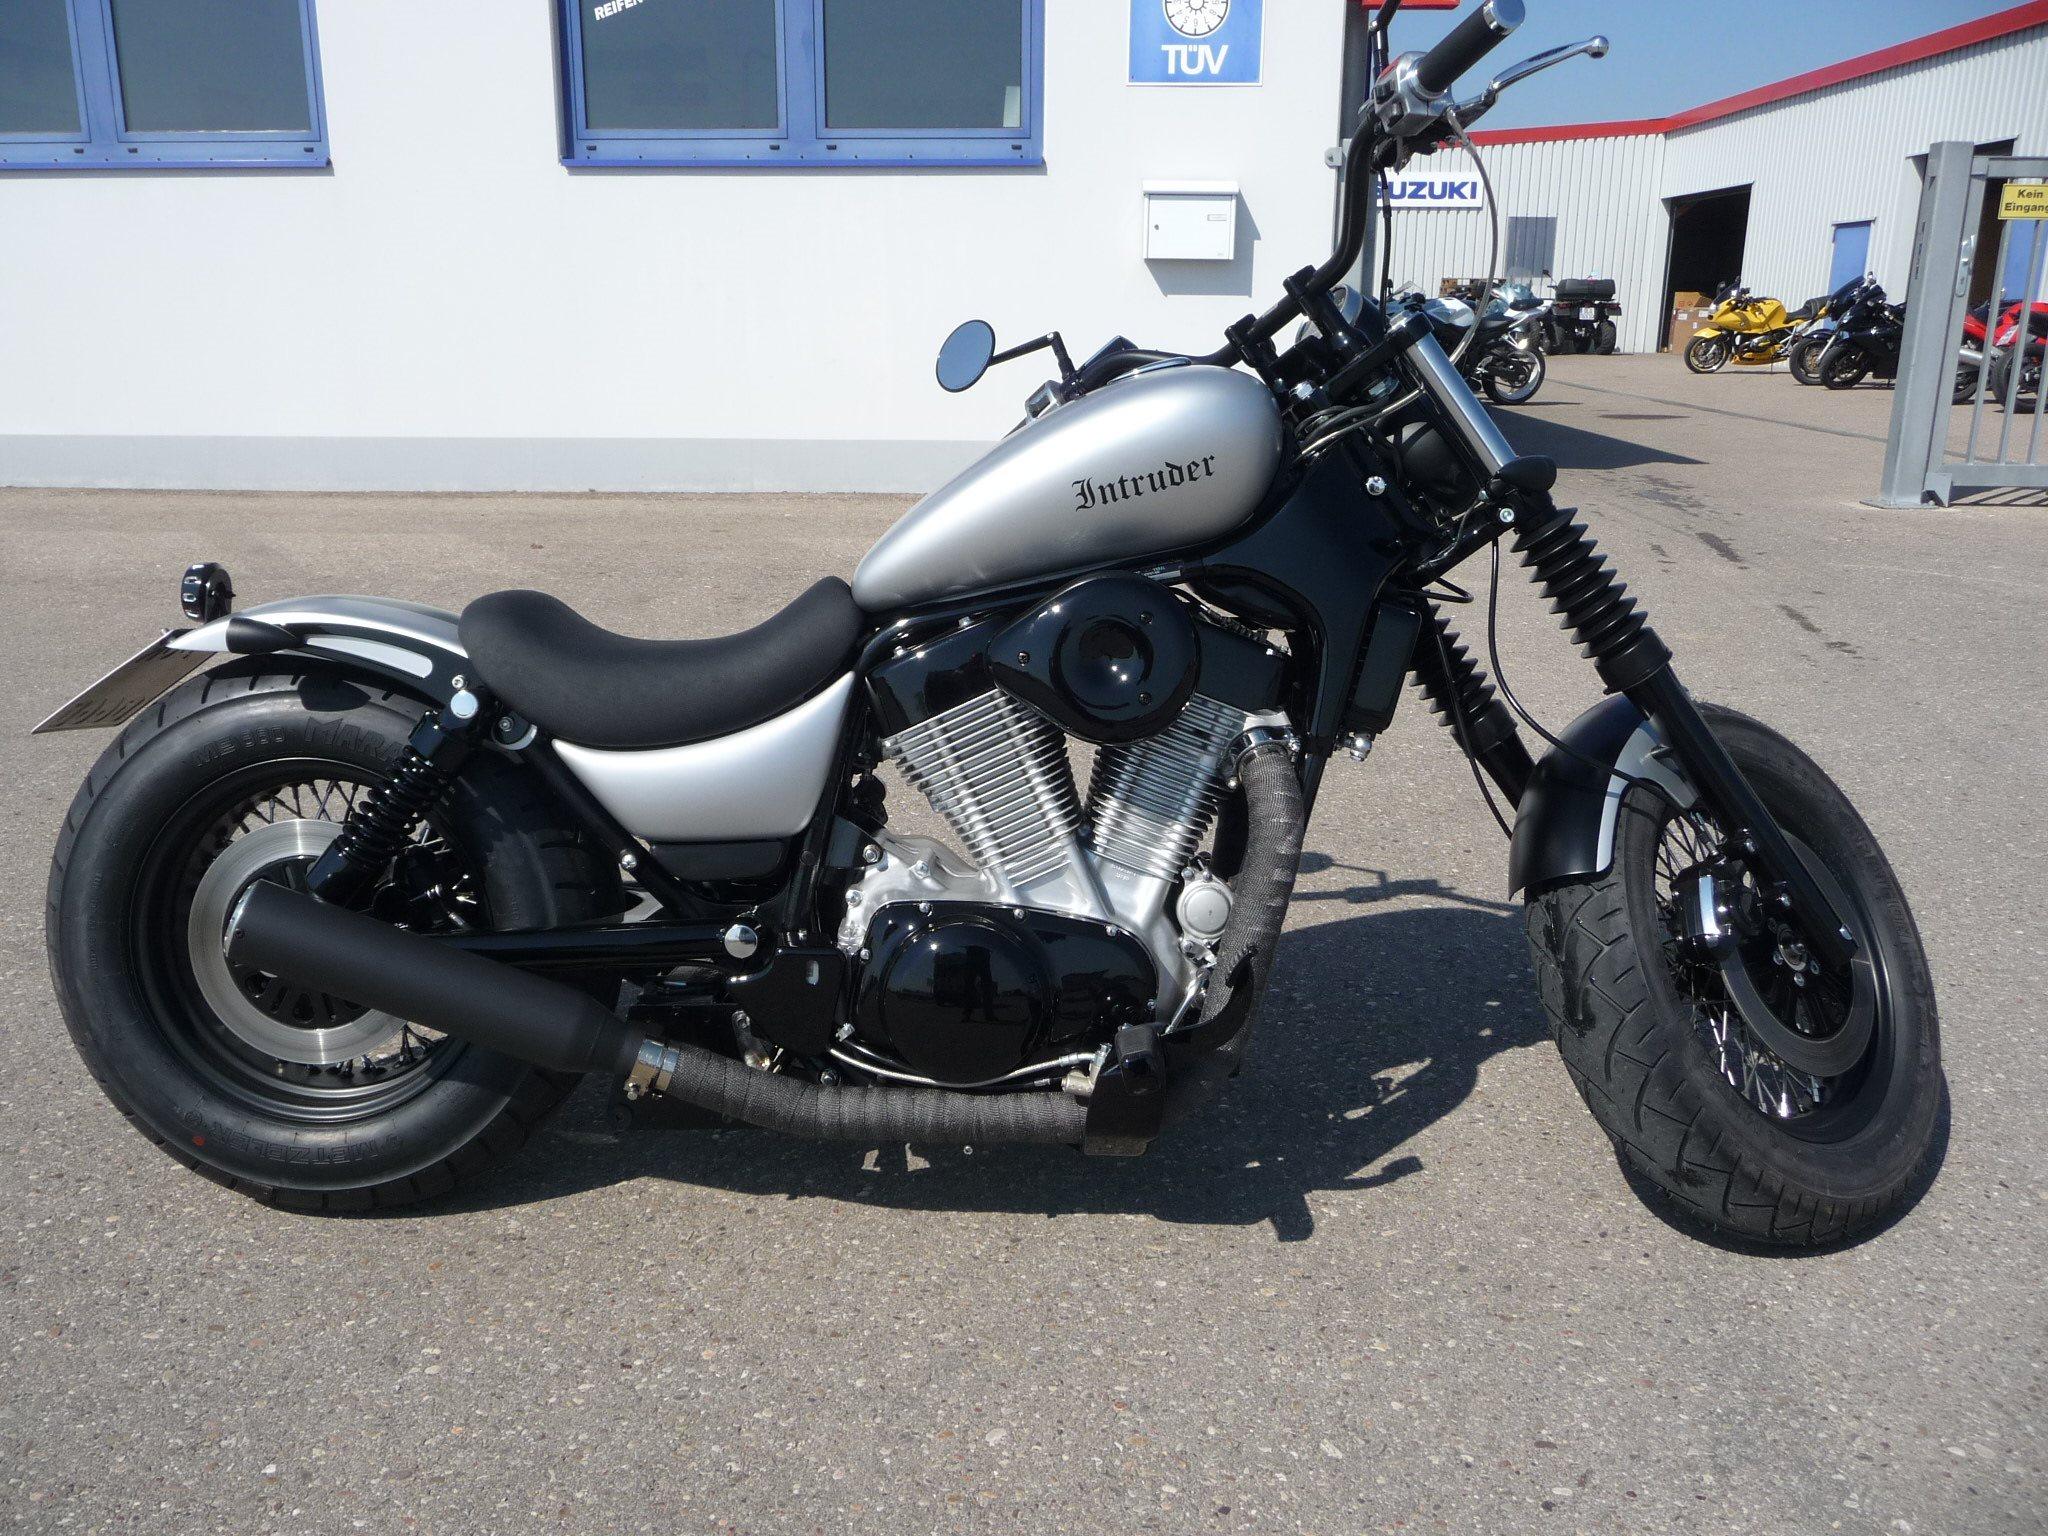 umgebautes motorrad suzuki vs 1400 glp intruder von biker. Black Bedroom Furniture Sets. Home Design Ideas